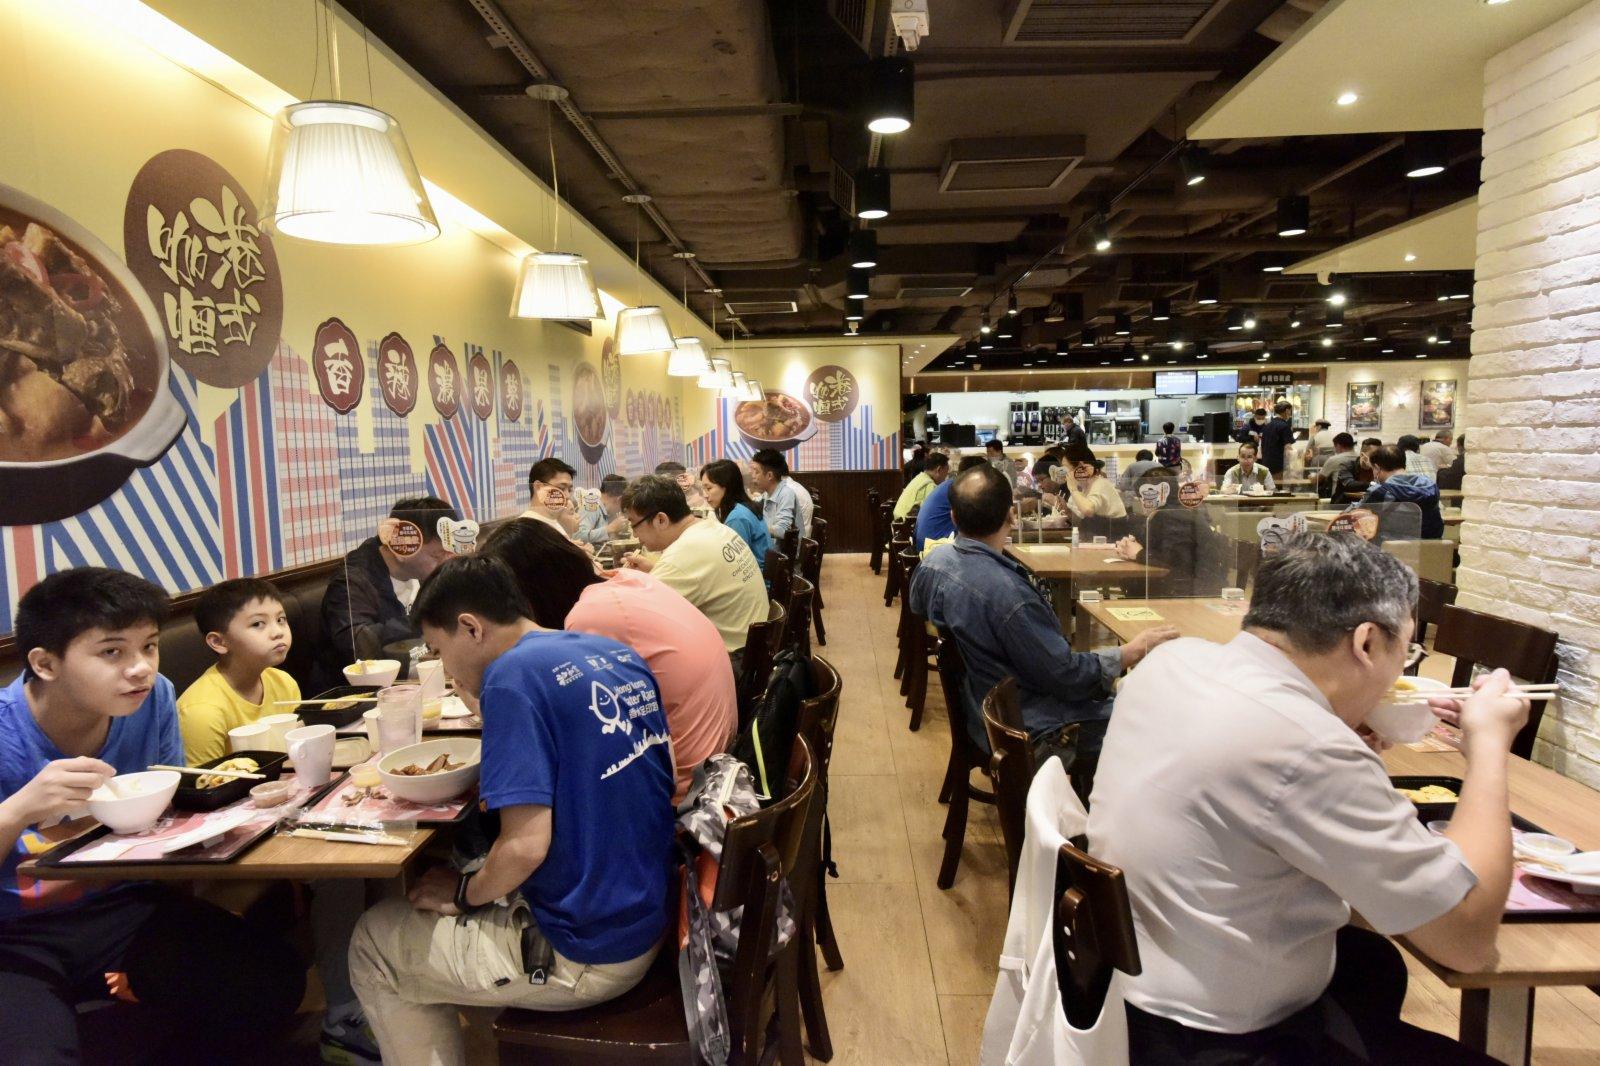 16日起再度收緊社交距離限制措施,食肆每枱人數上限會由現時的六人縮減至四人。圖為金鐘一食肆,市民正在用餐。(中新社)